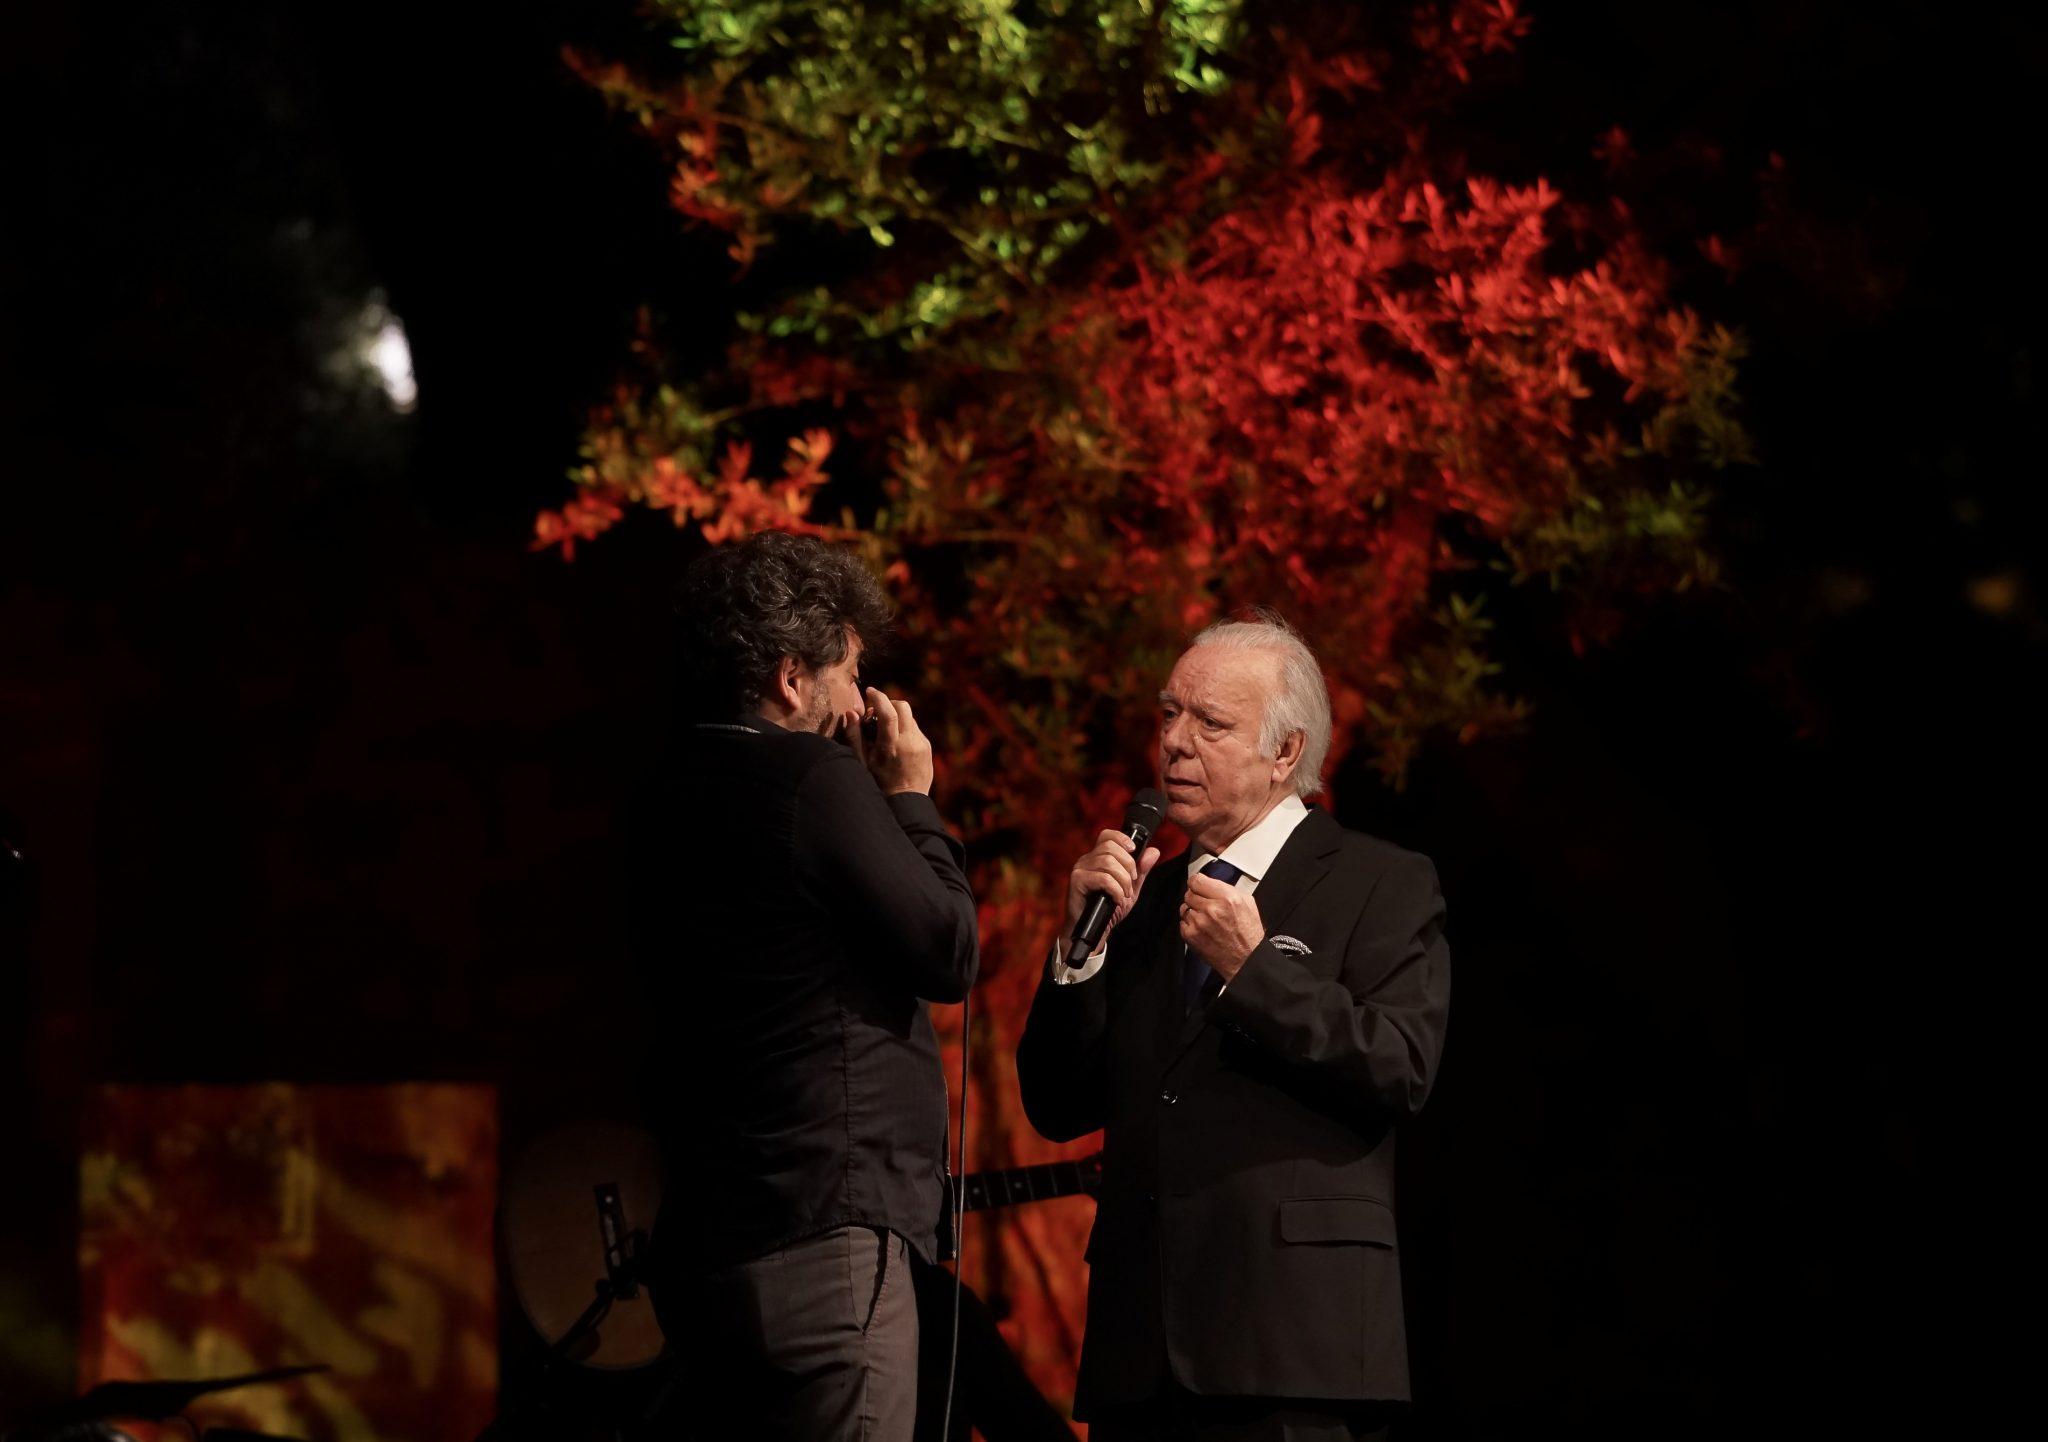 De lado para o observador, o fadista Carlos do Carmo frente a Antonio Serrano, que toca harmónica. Atrás de ambos, um fundo de árvores iluminadas em tons de verde e vermelho